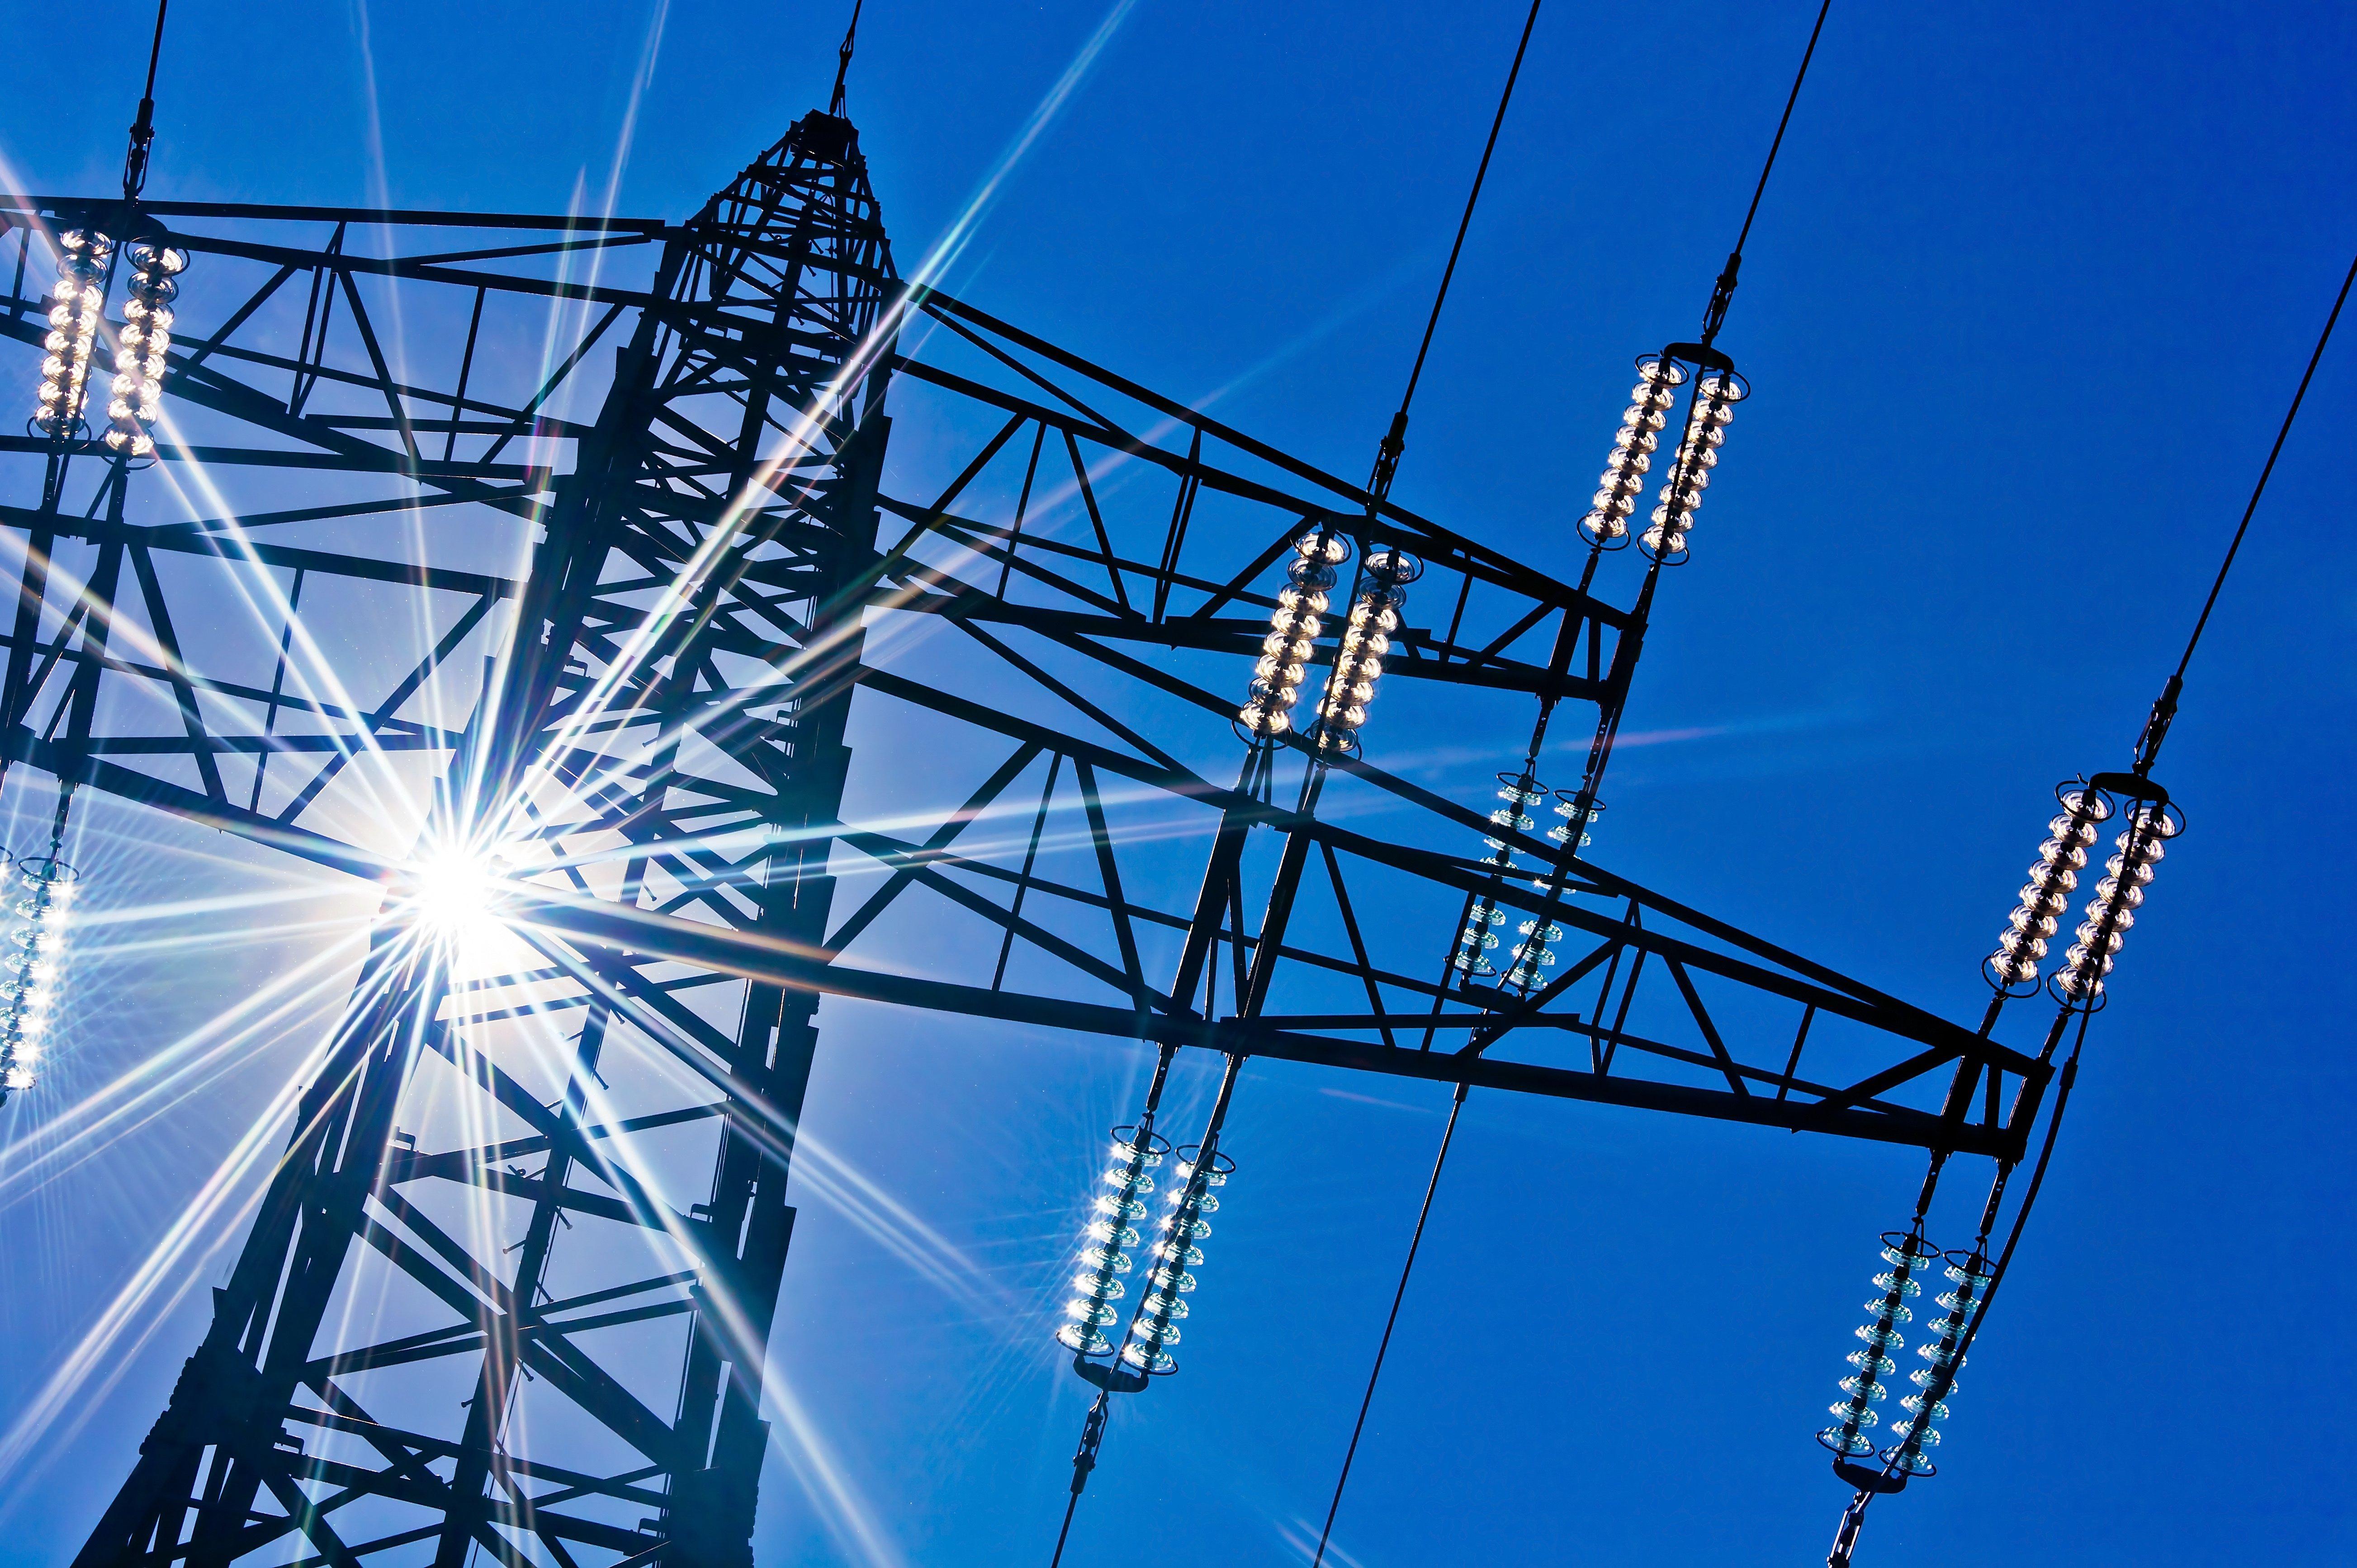 Energienota vanaf januari duurder